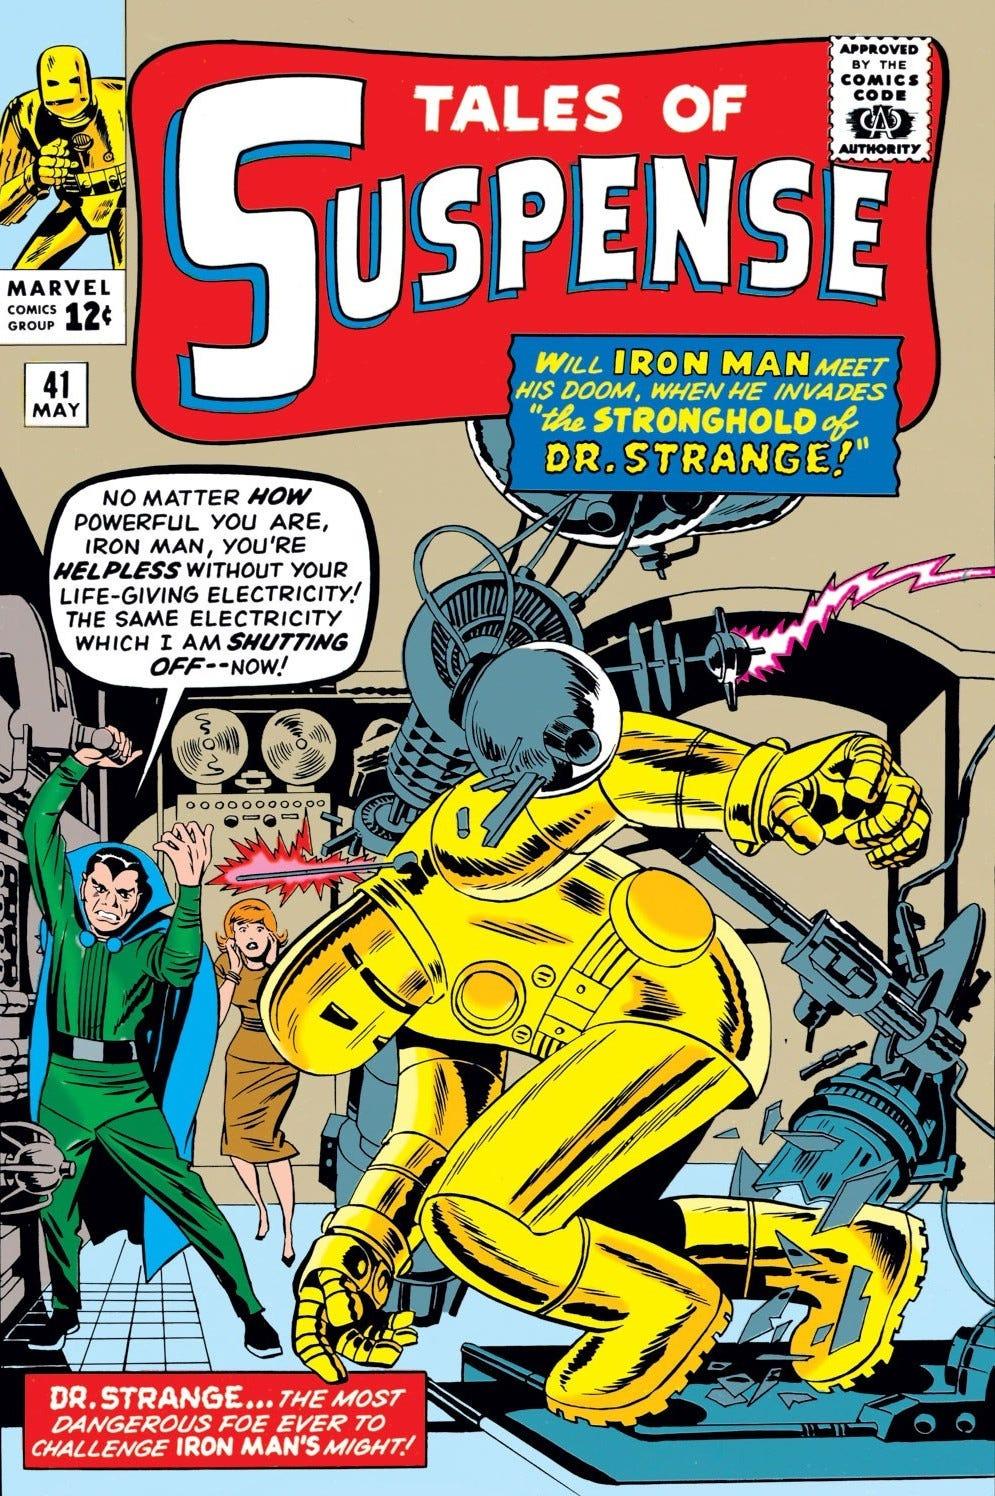 Tales of Suspense Vol 1 41 | Marvel Database | Fandom